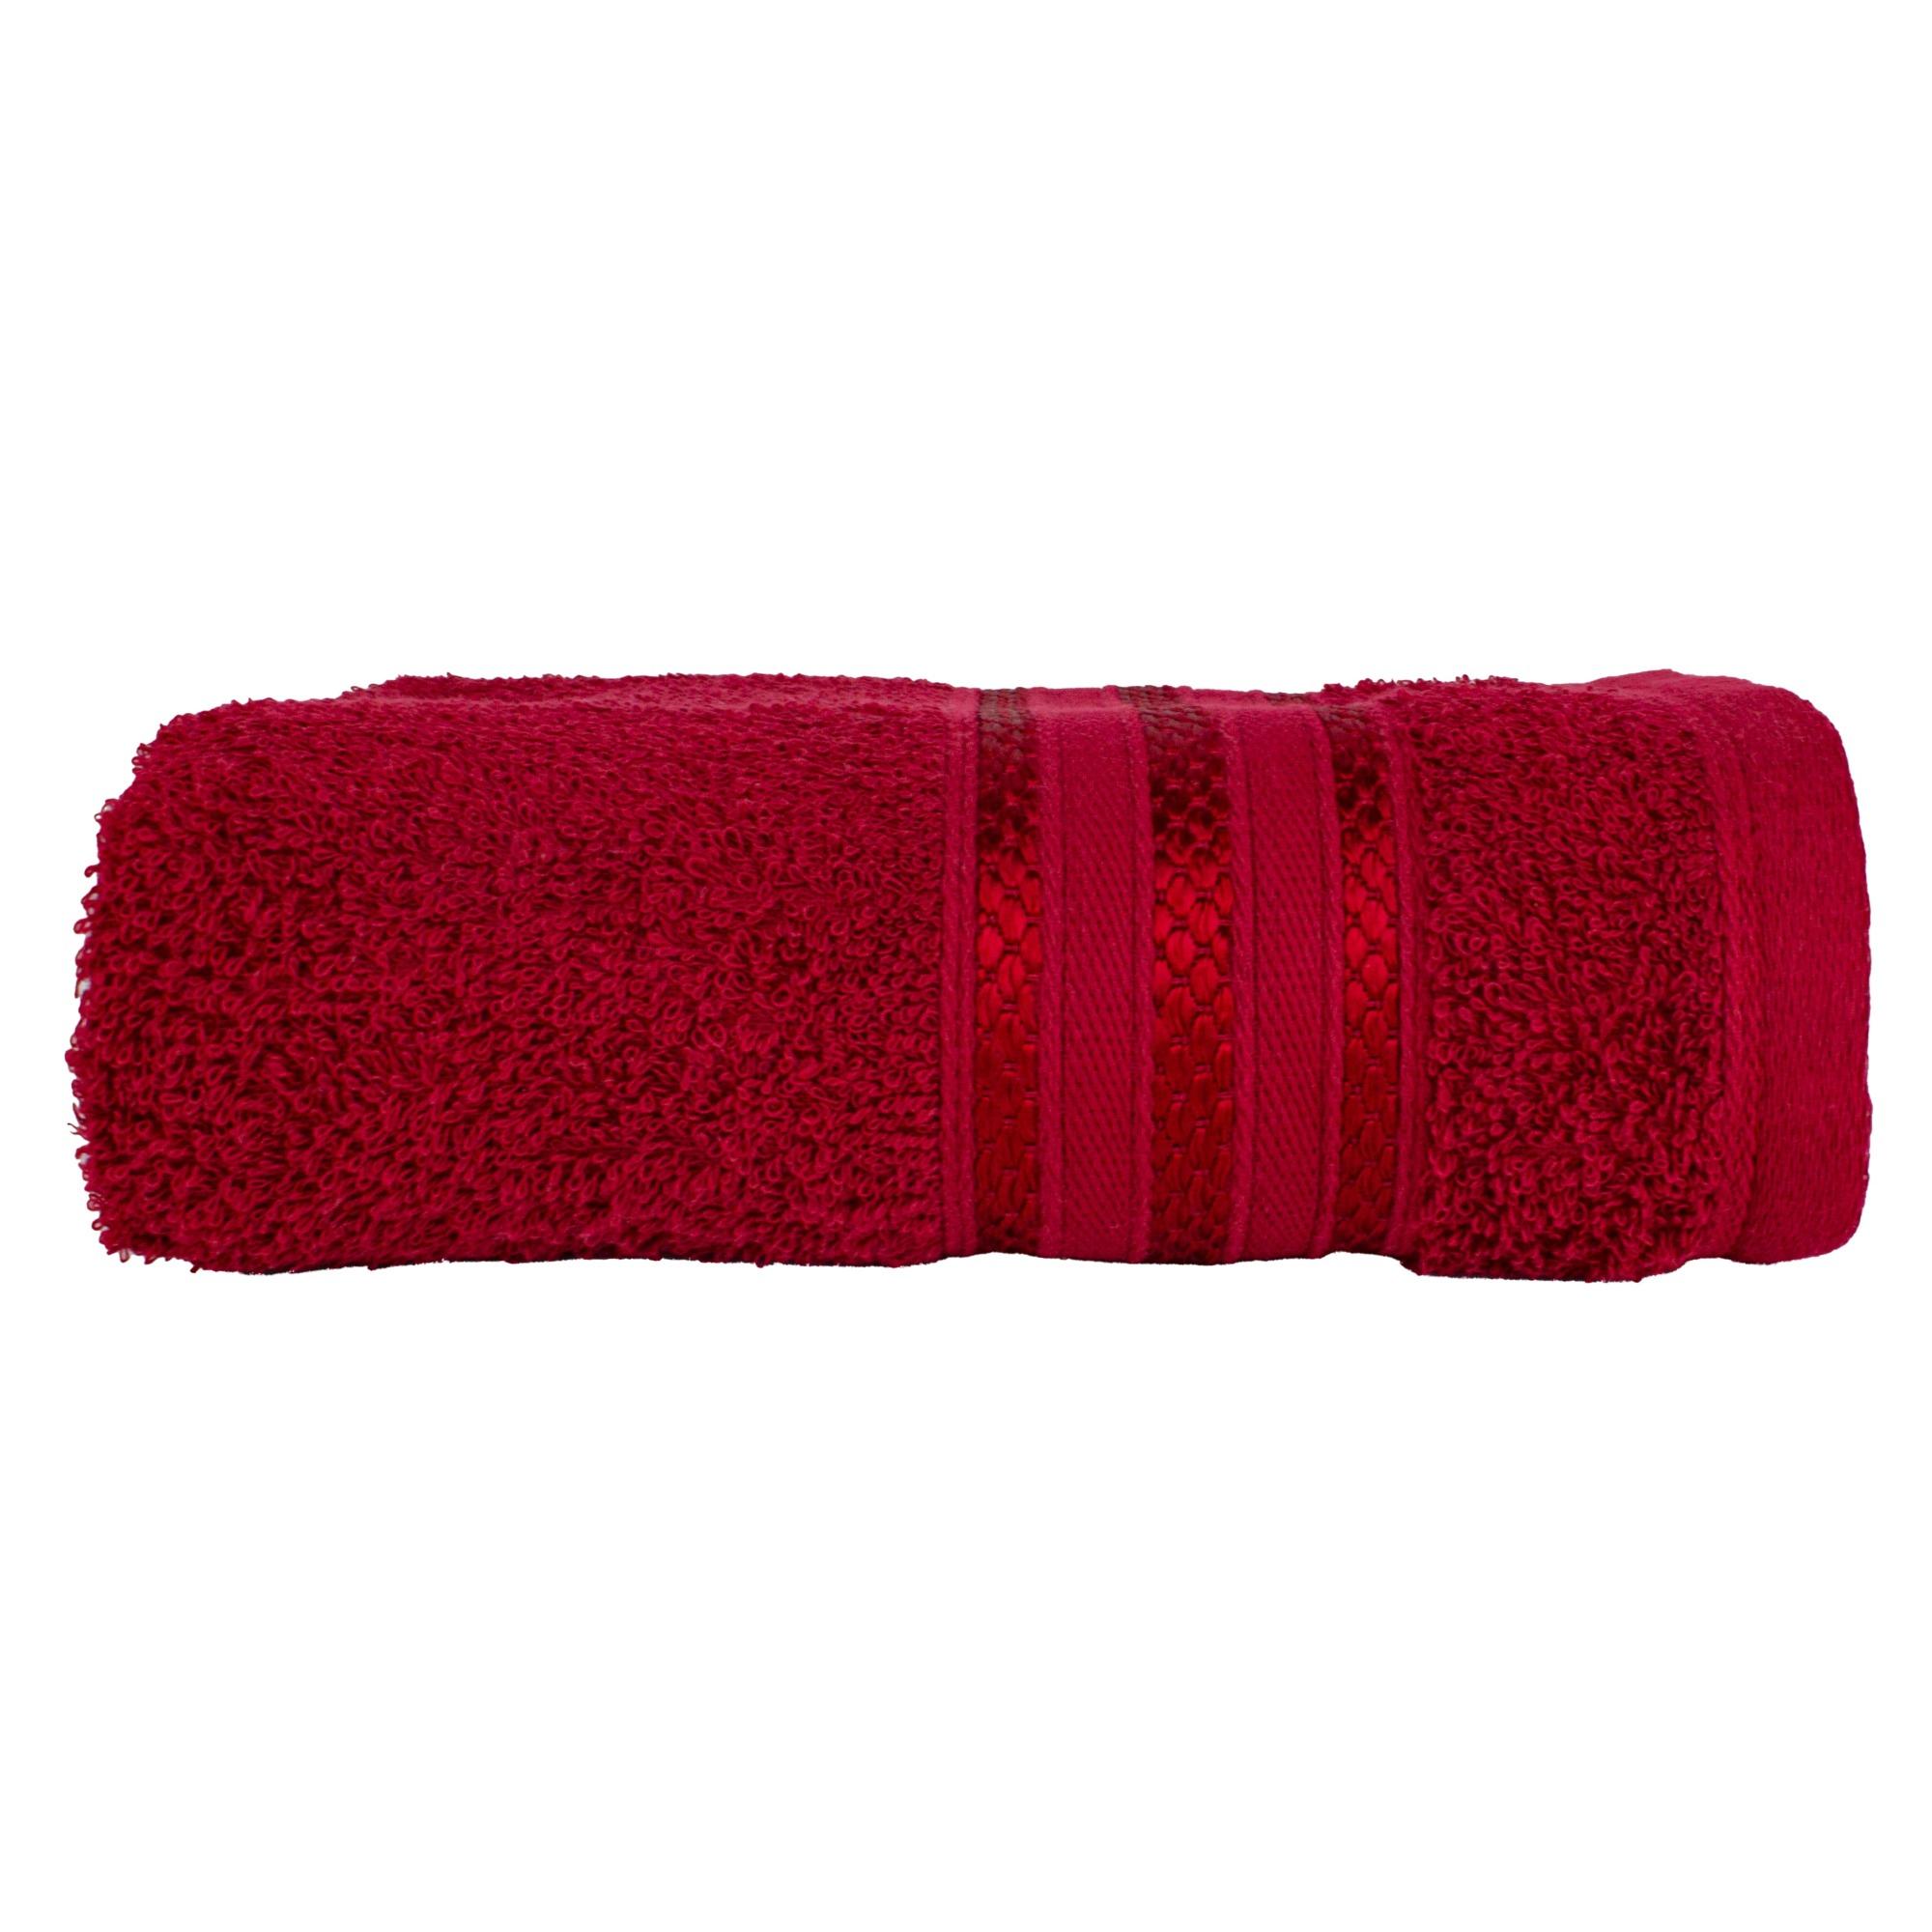 Toalha de Banho Royal 100 Algodao 70x130 cm Vermelha - Santista